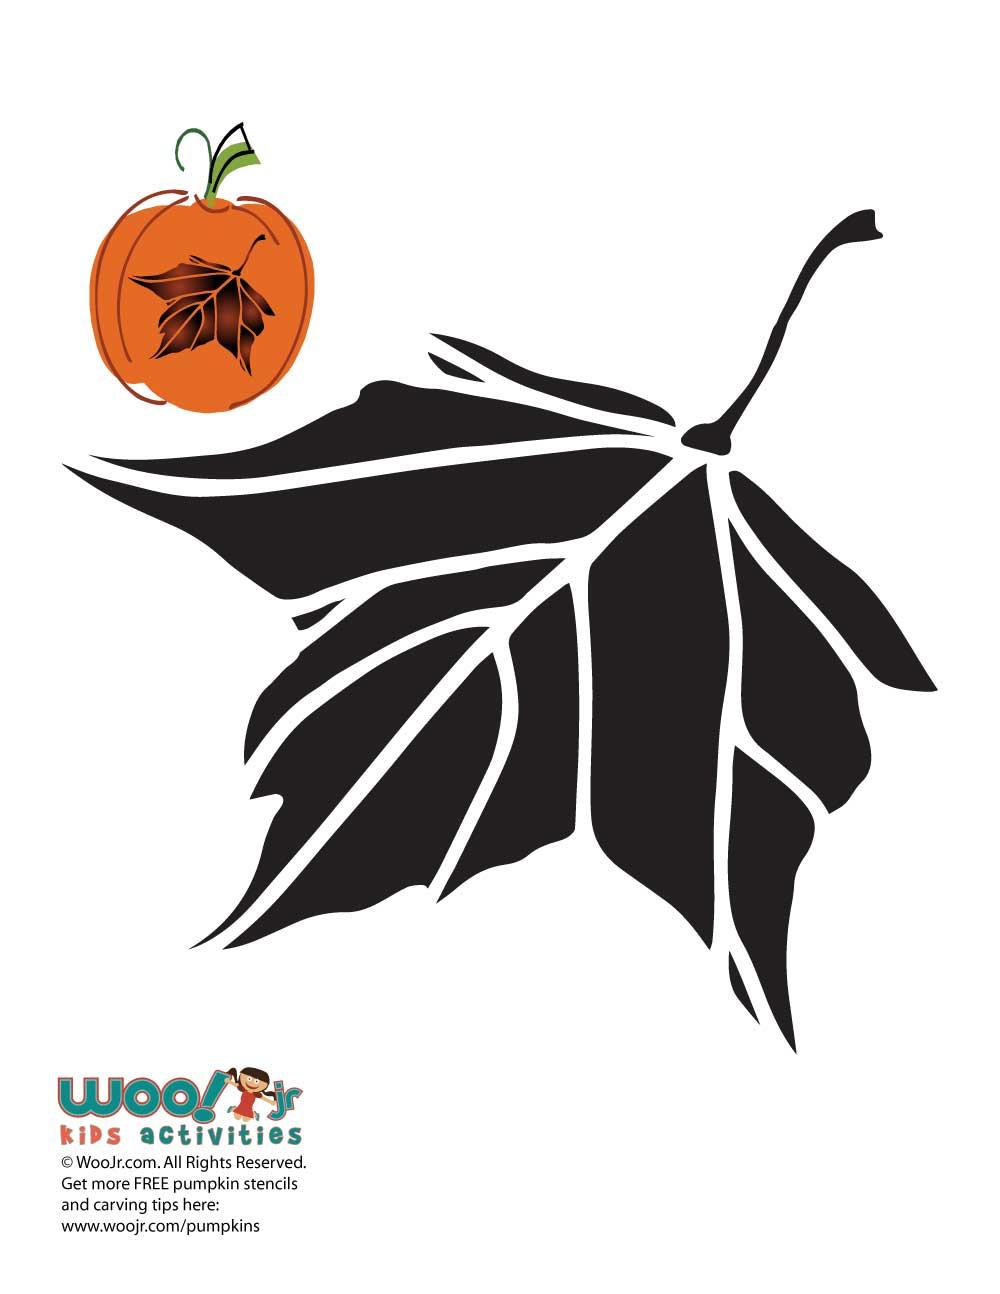 Maple leaf pumpkin carving pattern woo jr kids activities